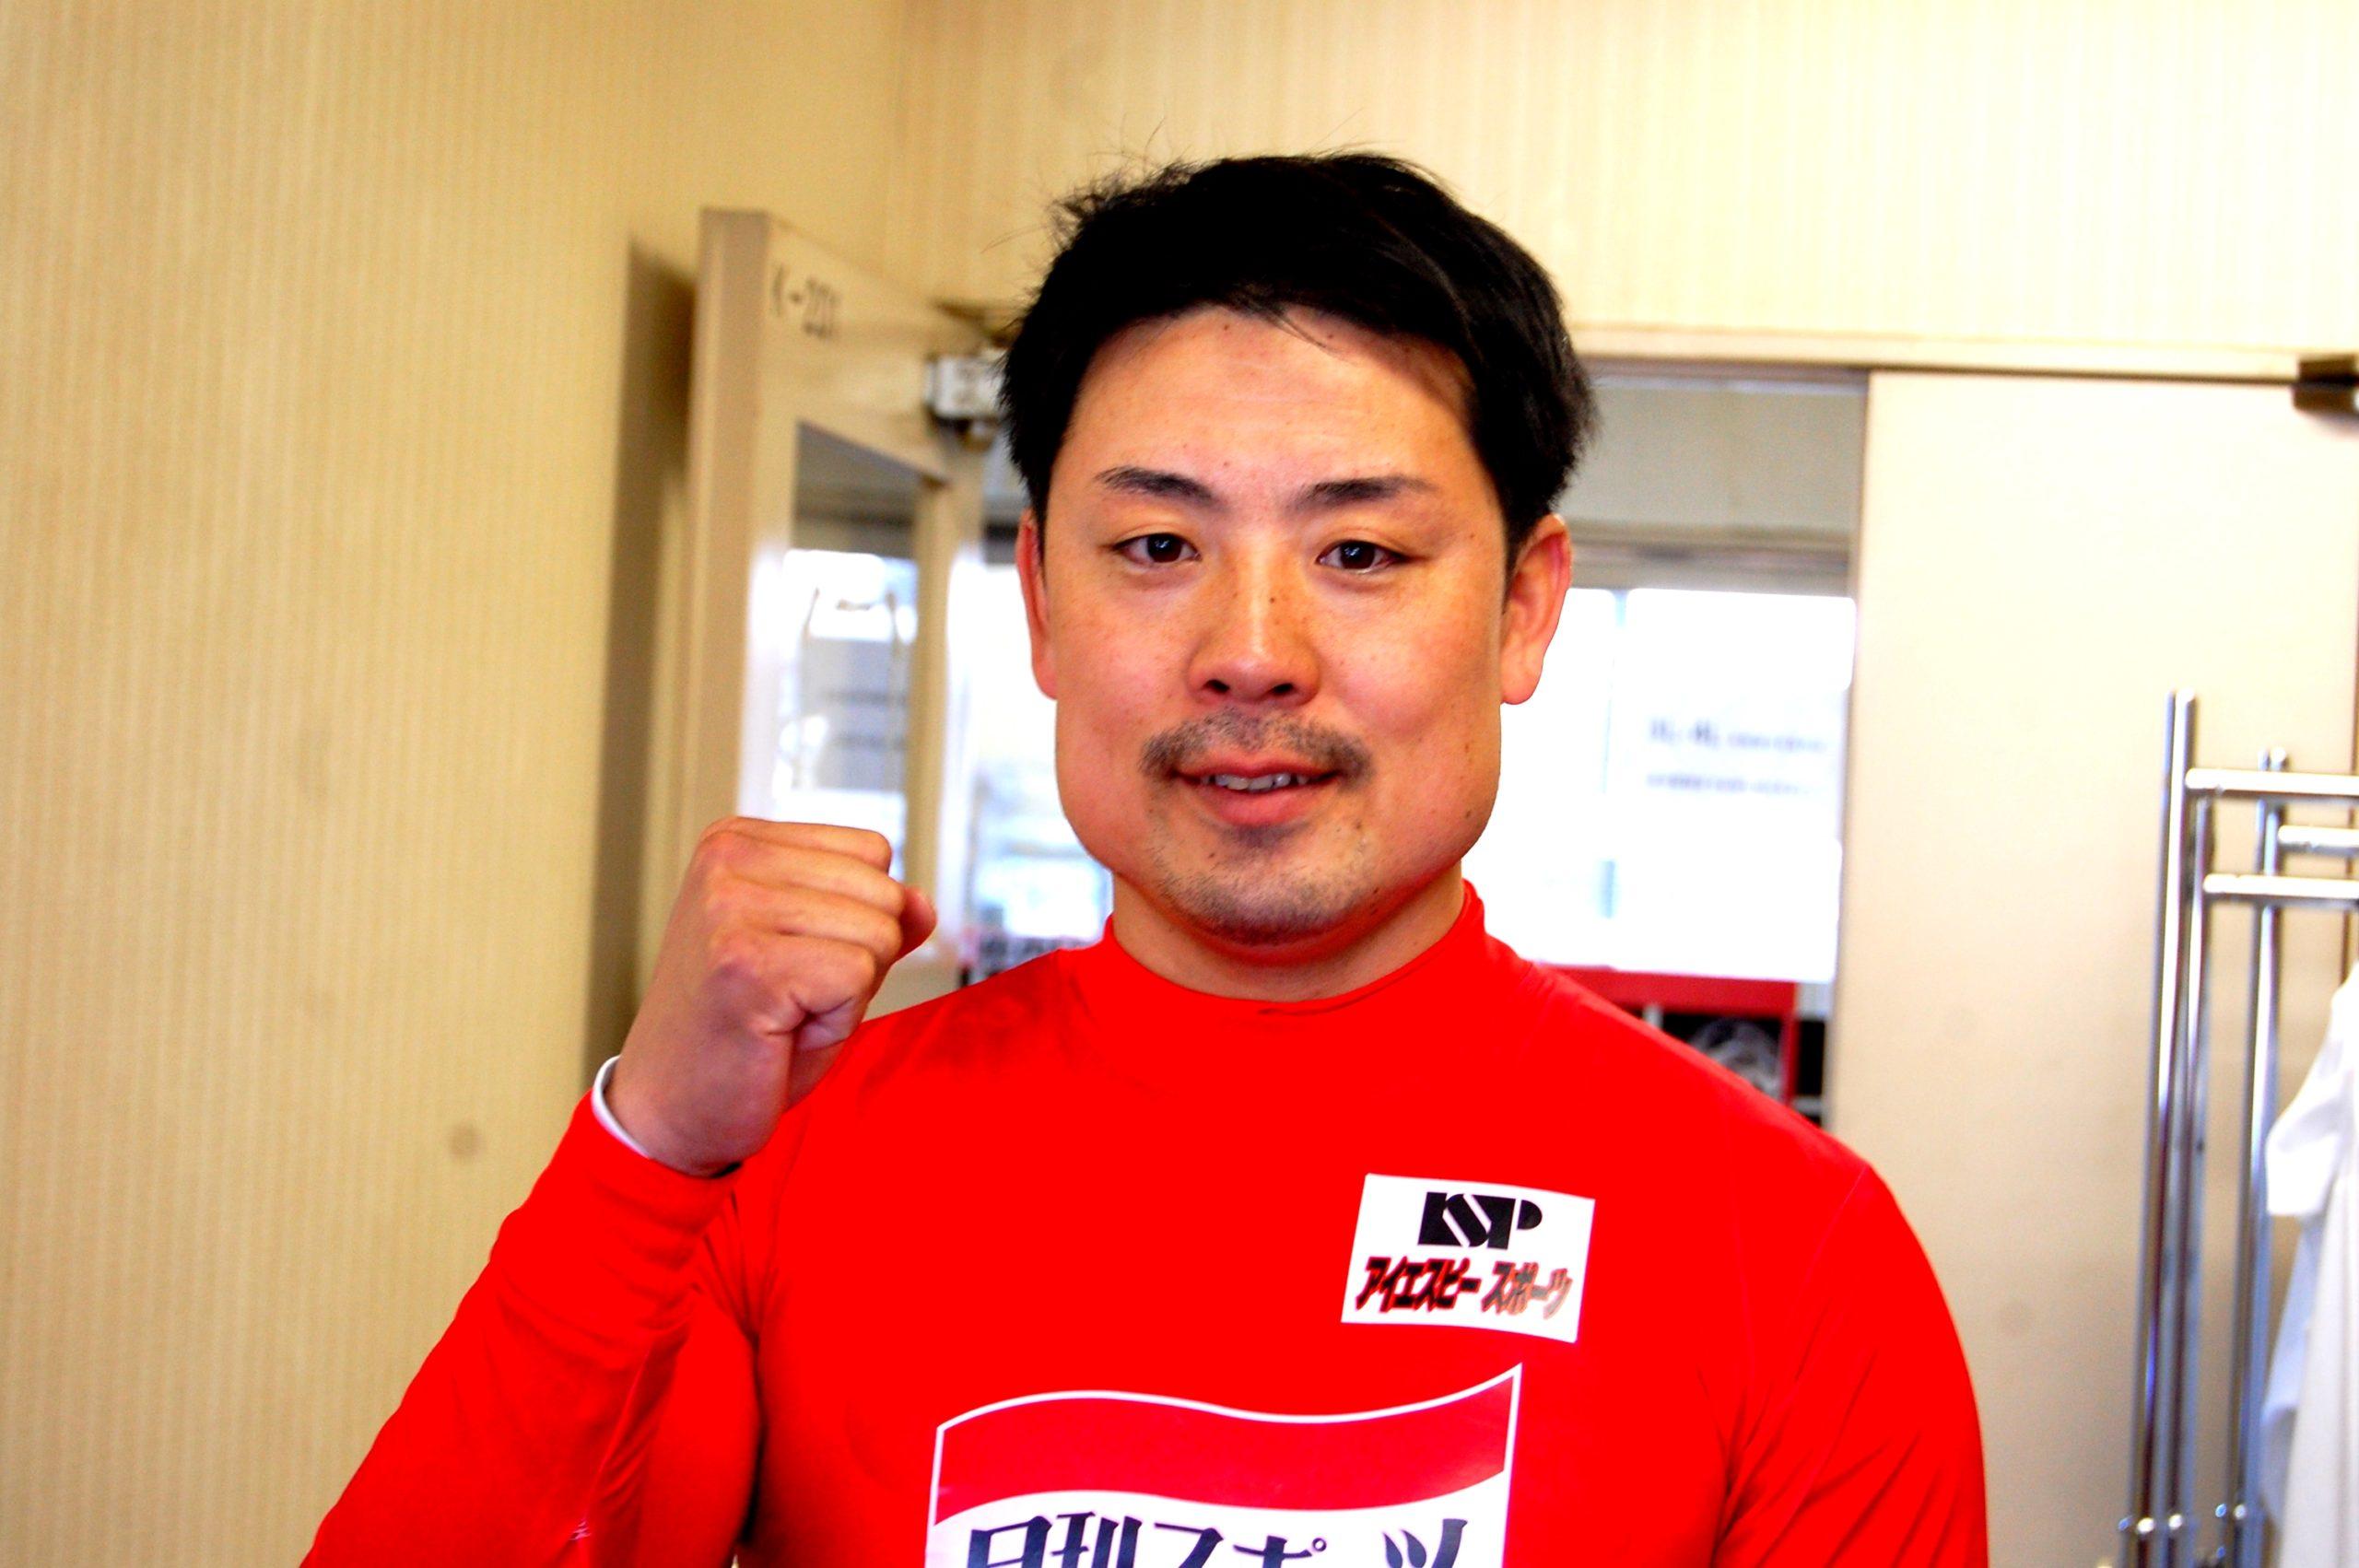 【男子競輪】強くてカッコいい競輪選手「岩津裕介」の強さの秘訣を徹底解明!